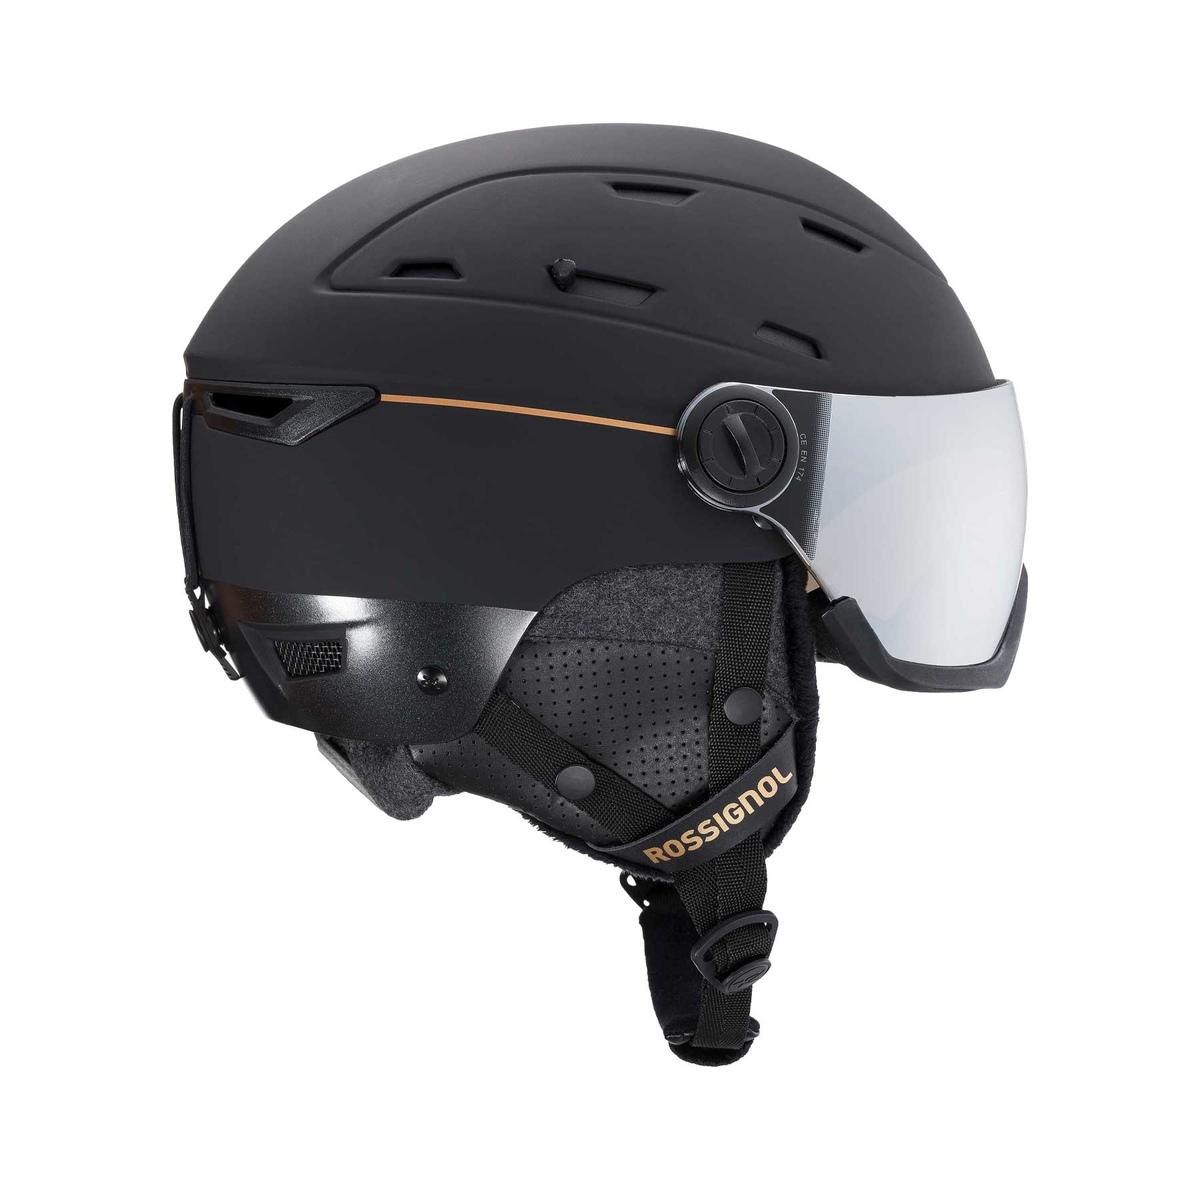 Prezzi Rossignol casco con visiera allspeed impacts donna